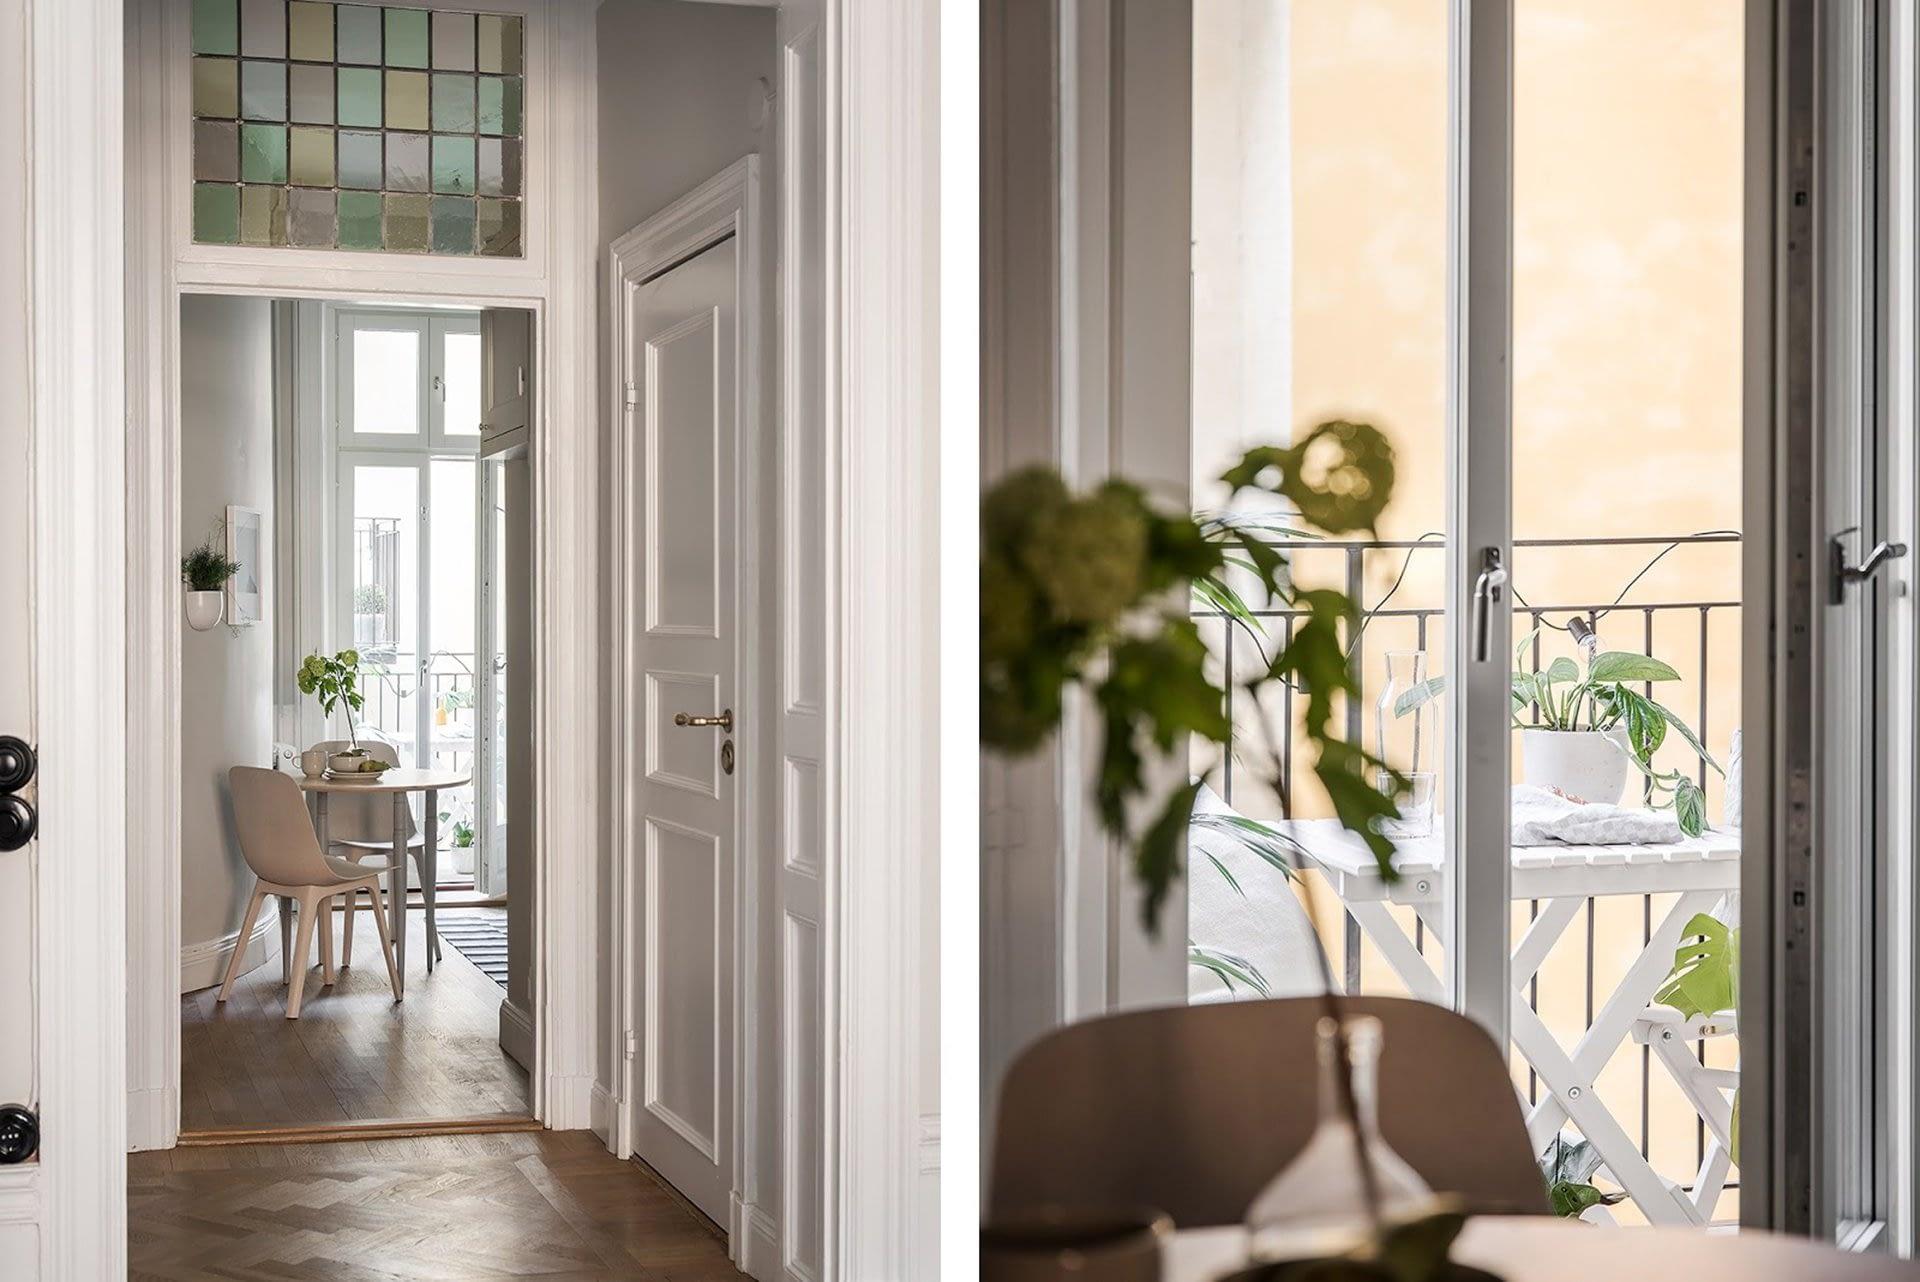 Amenajare scandinava in tonuri naturale de culoare intr-un apartament de 43 mp. 22